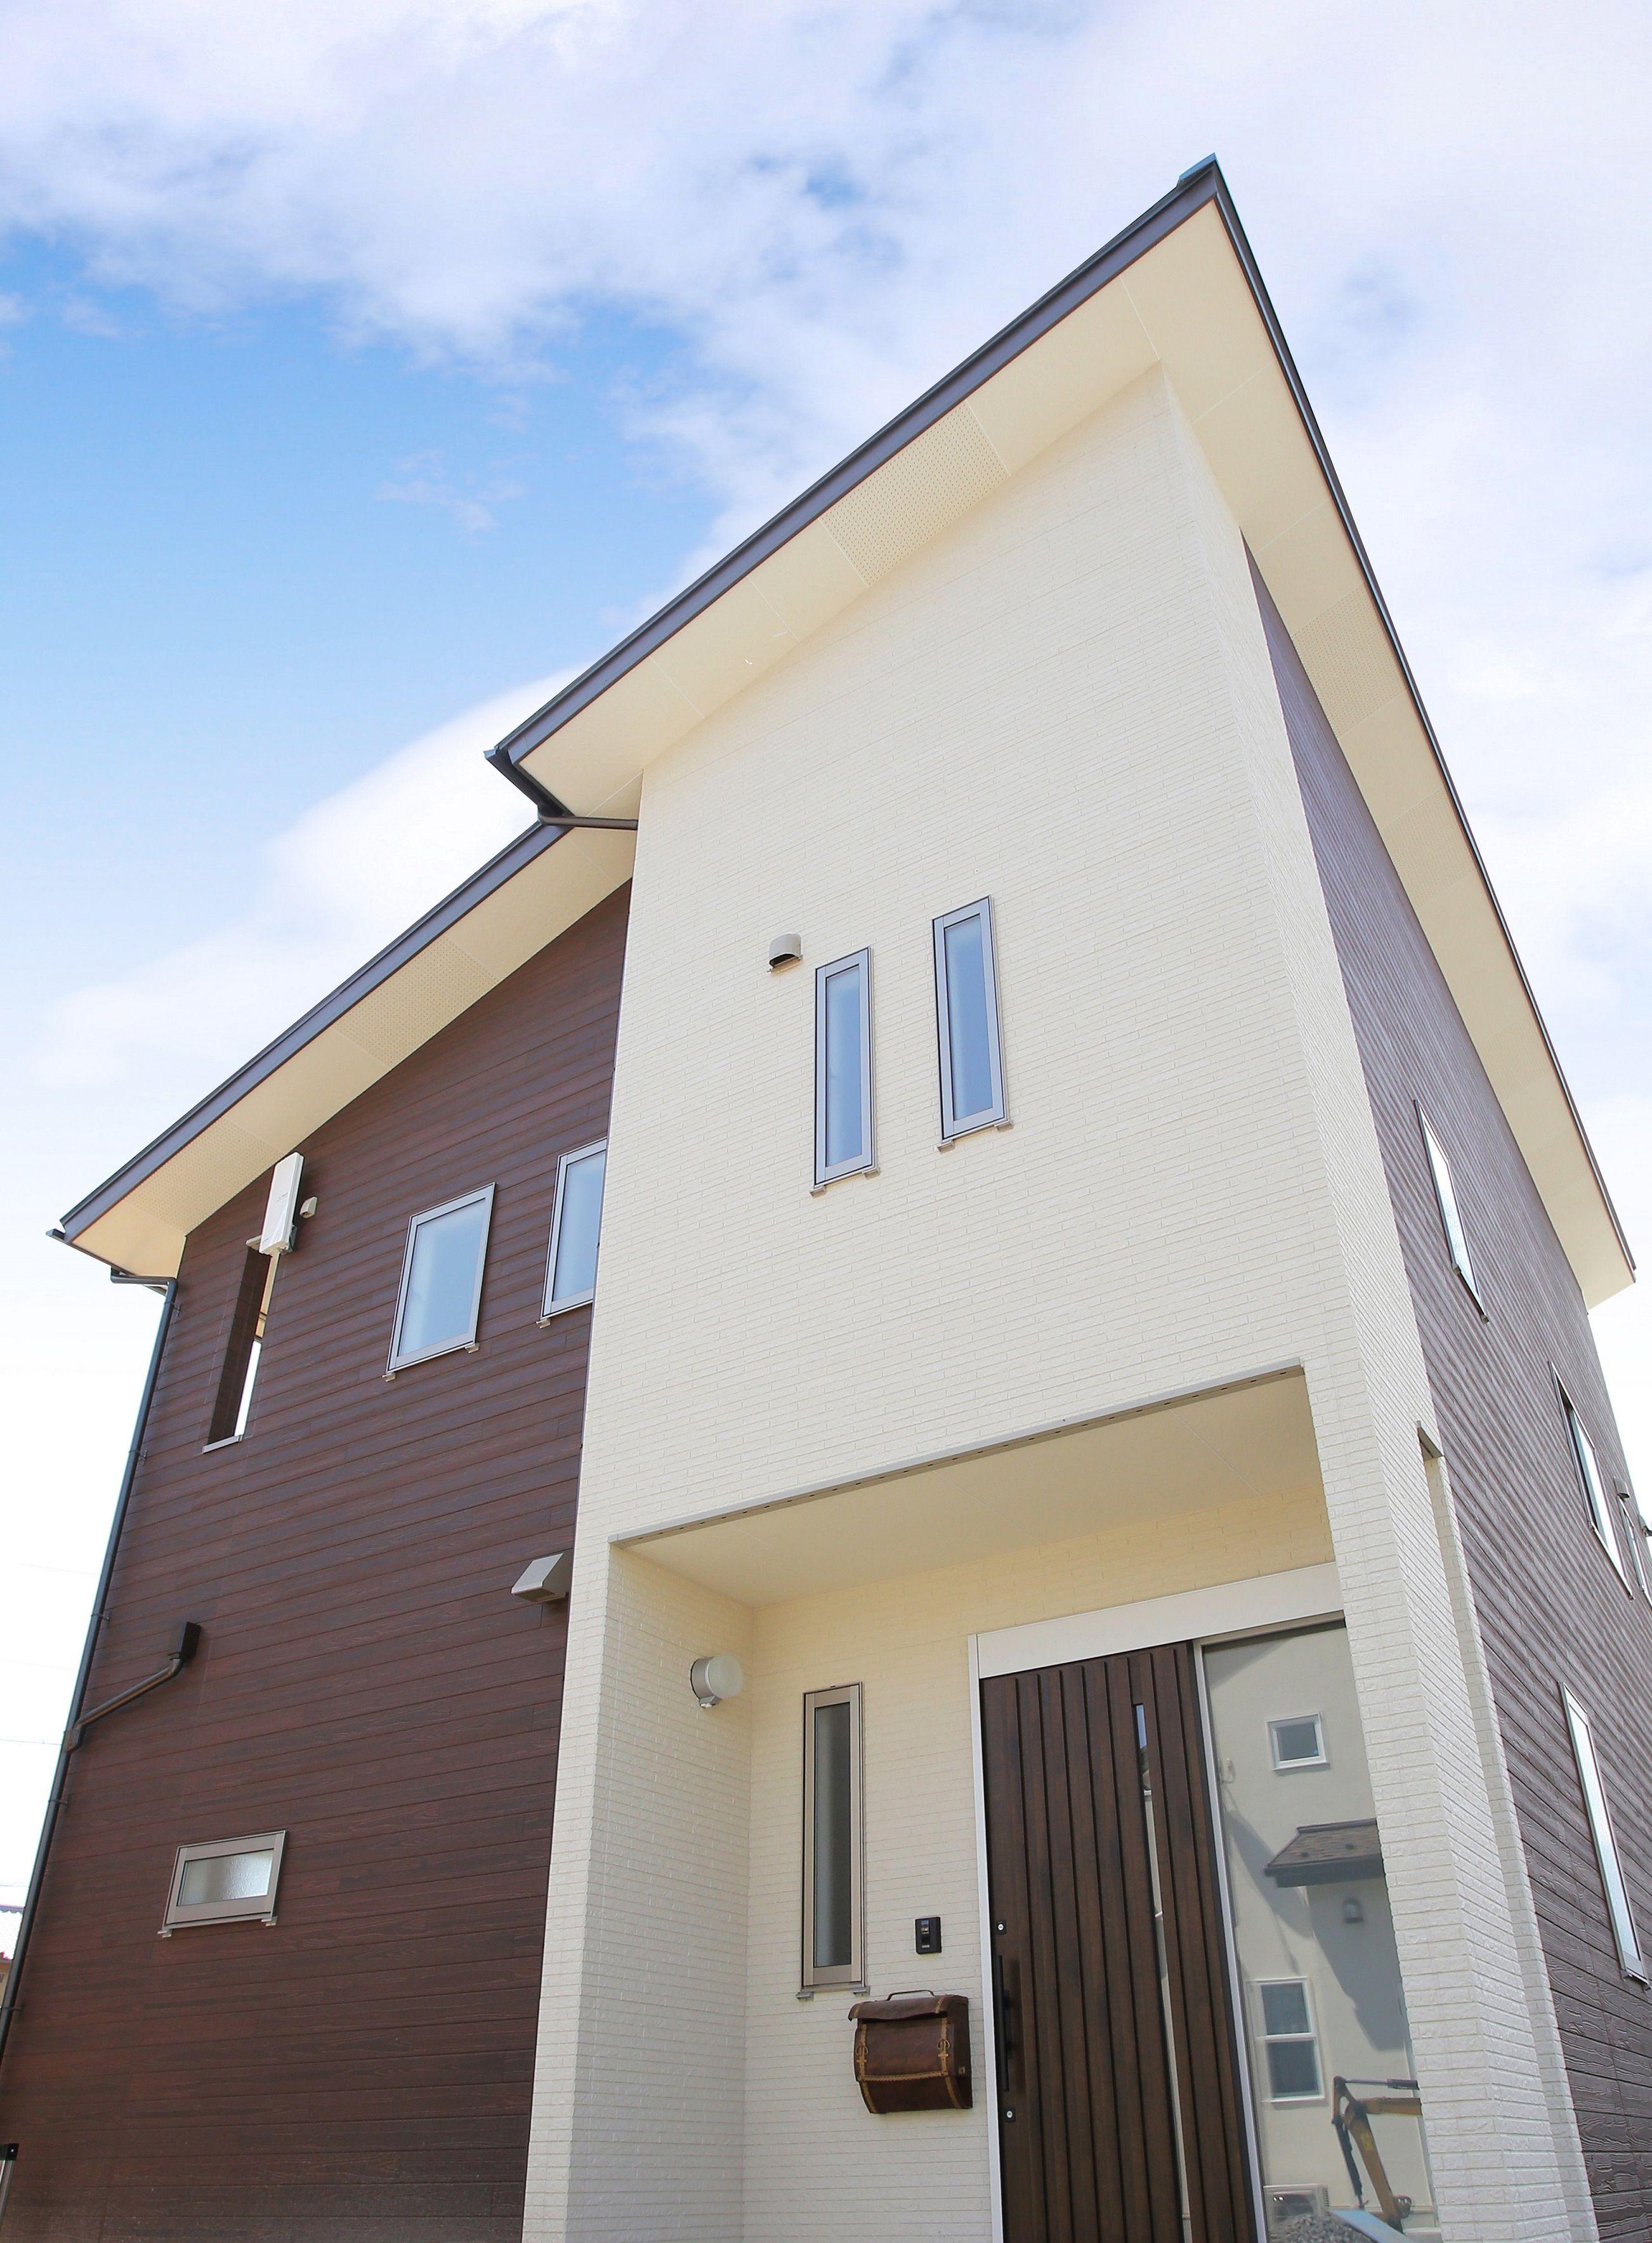 木目調の外壁に シンプルな白の外壁の組み合わせがおしゃれなお家